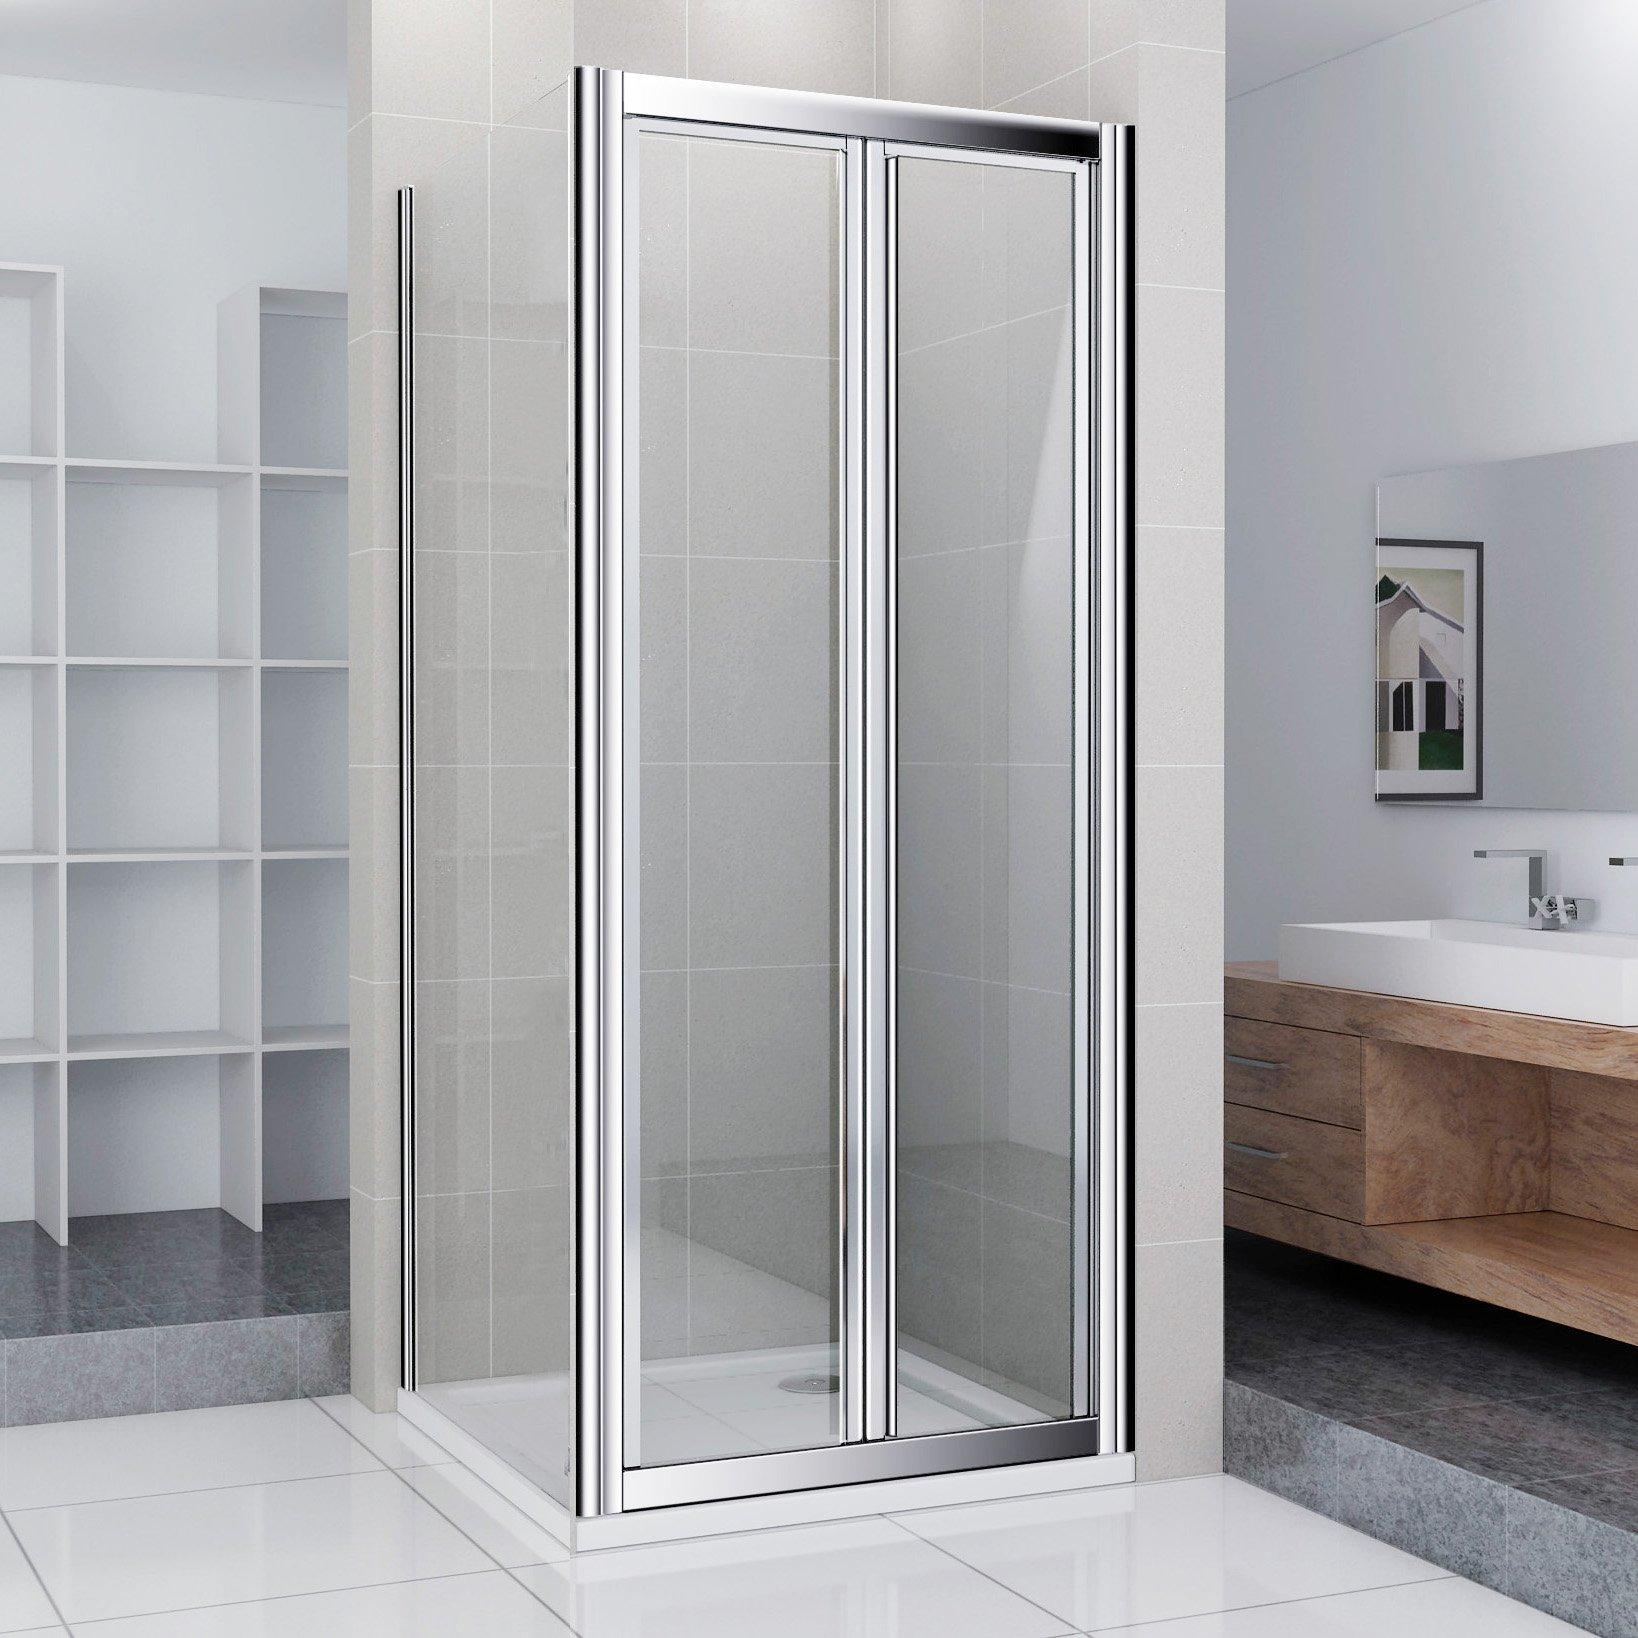 Mampara de ducha cabina de ducha rectangular cuadro dopeul puerta giratoria ducha 90 x 70 cm/incluye de ducha: Amazon.es: Hogar